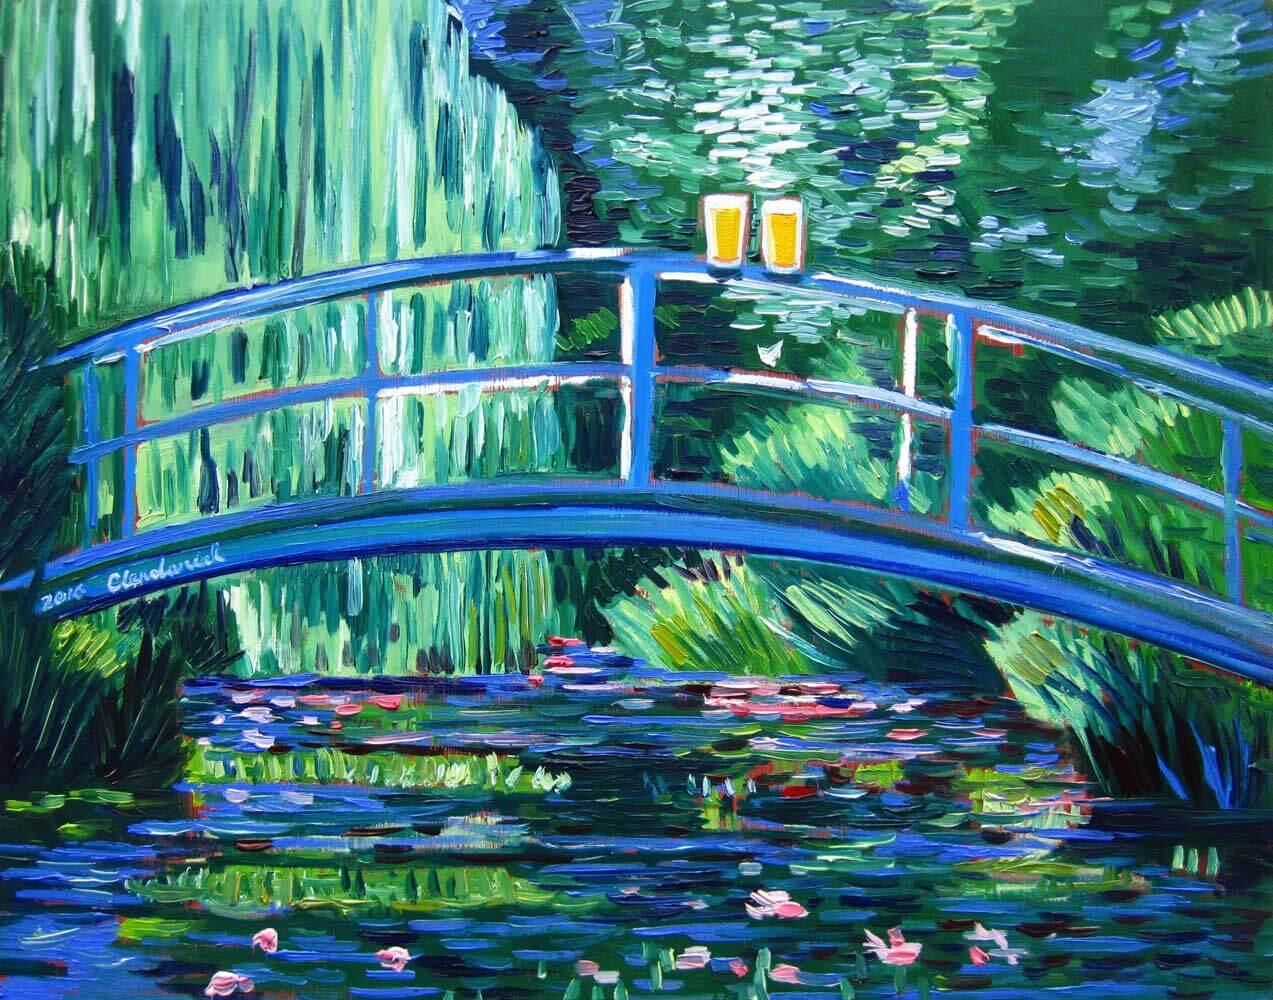 Клод Моне «Пруд с водяными лилиями»